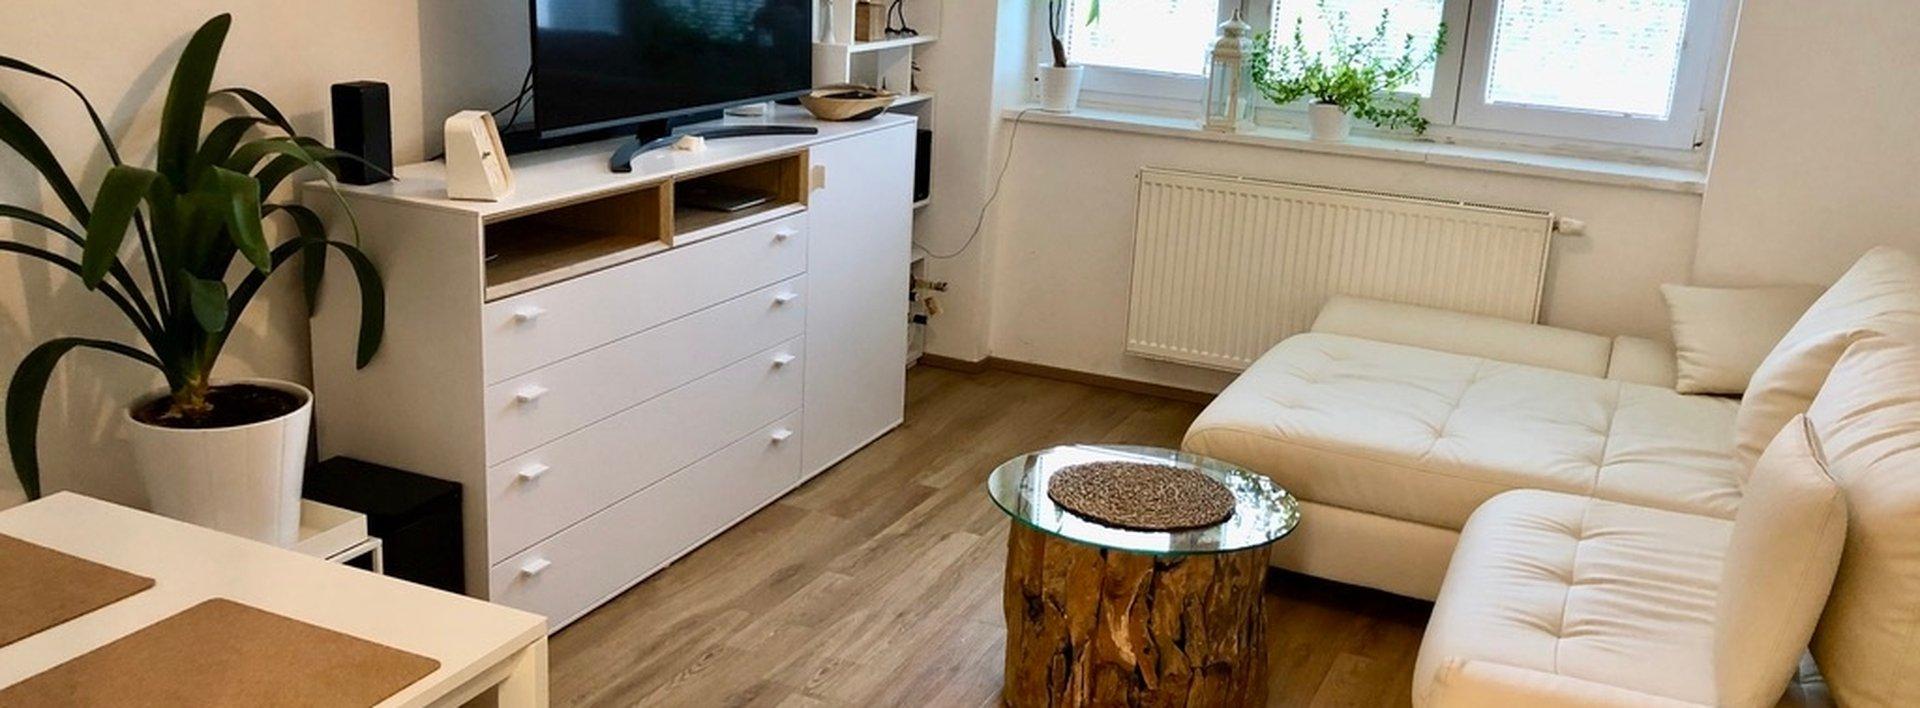 Prodej bytu 3+kk, 52 m² - Praha -Ruzyně, ul. Stochovská, Ev.č.: N49164